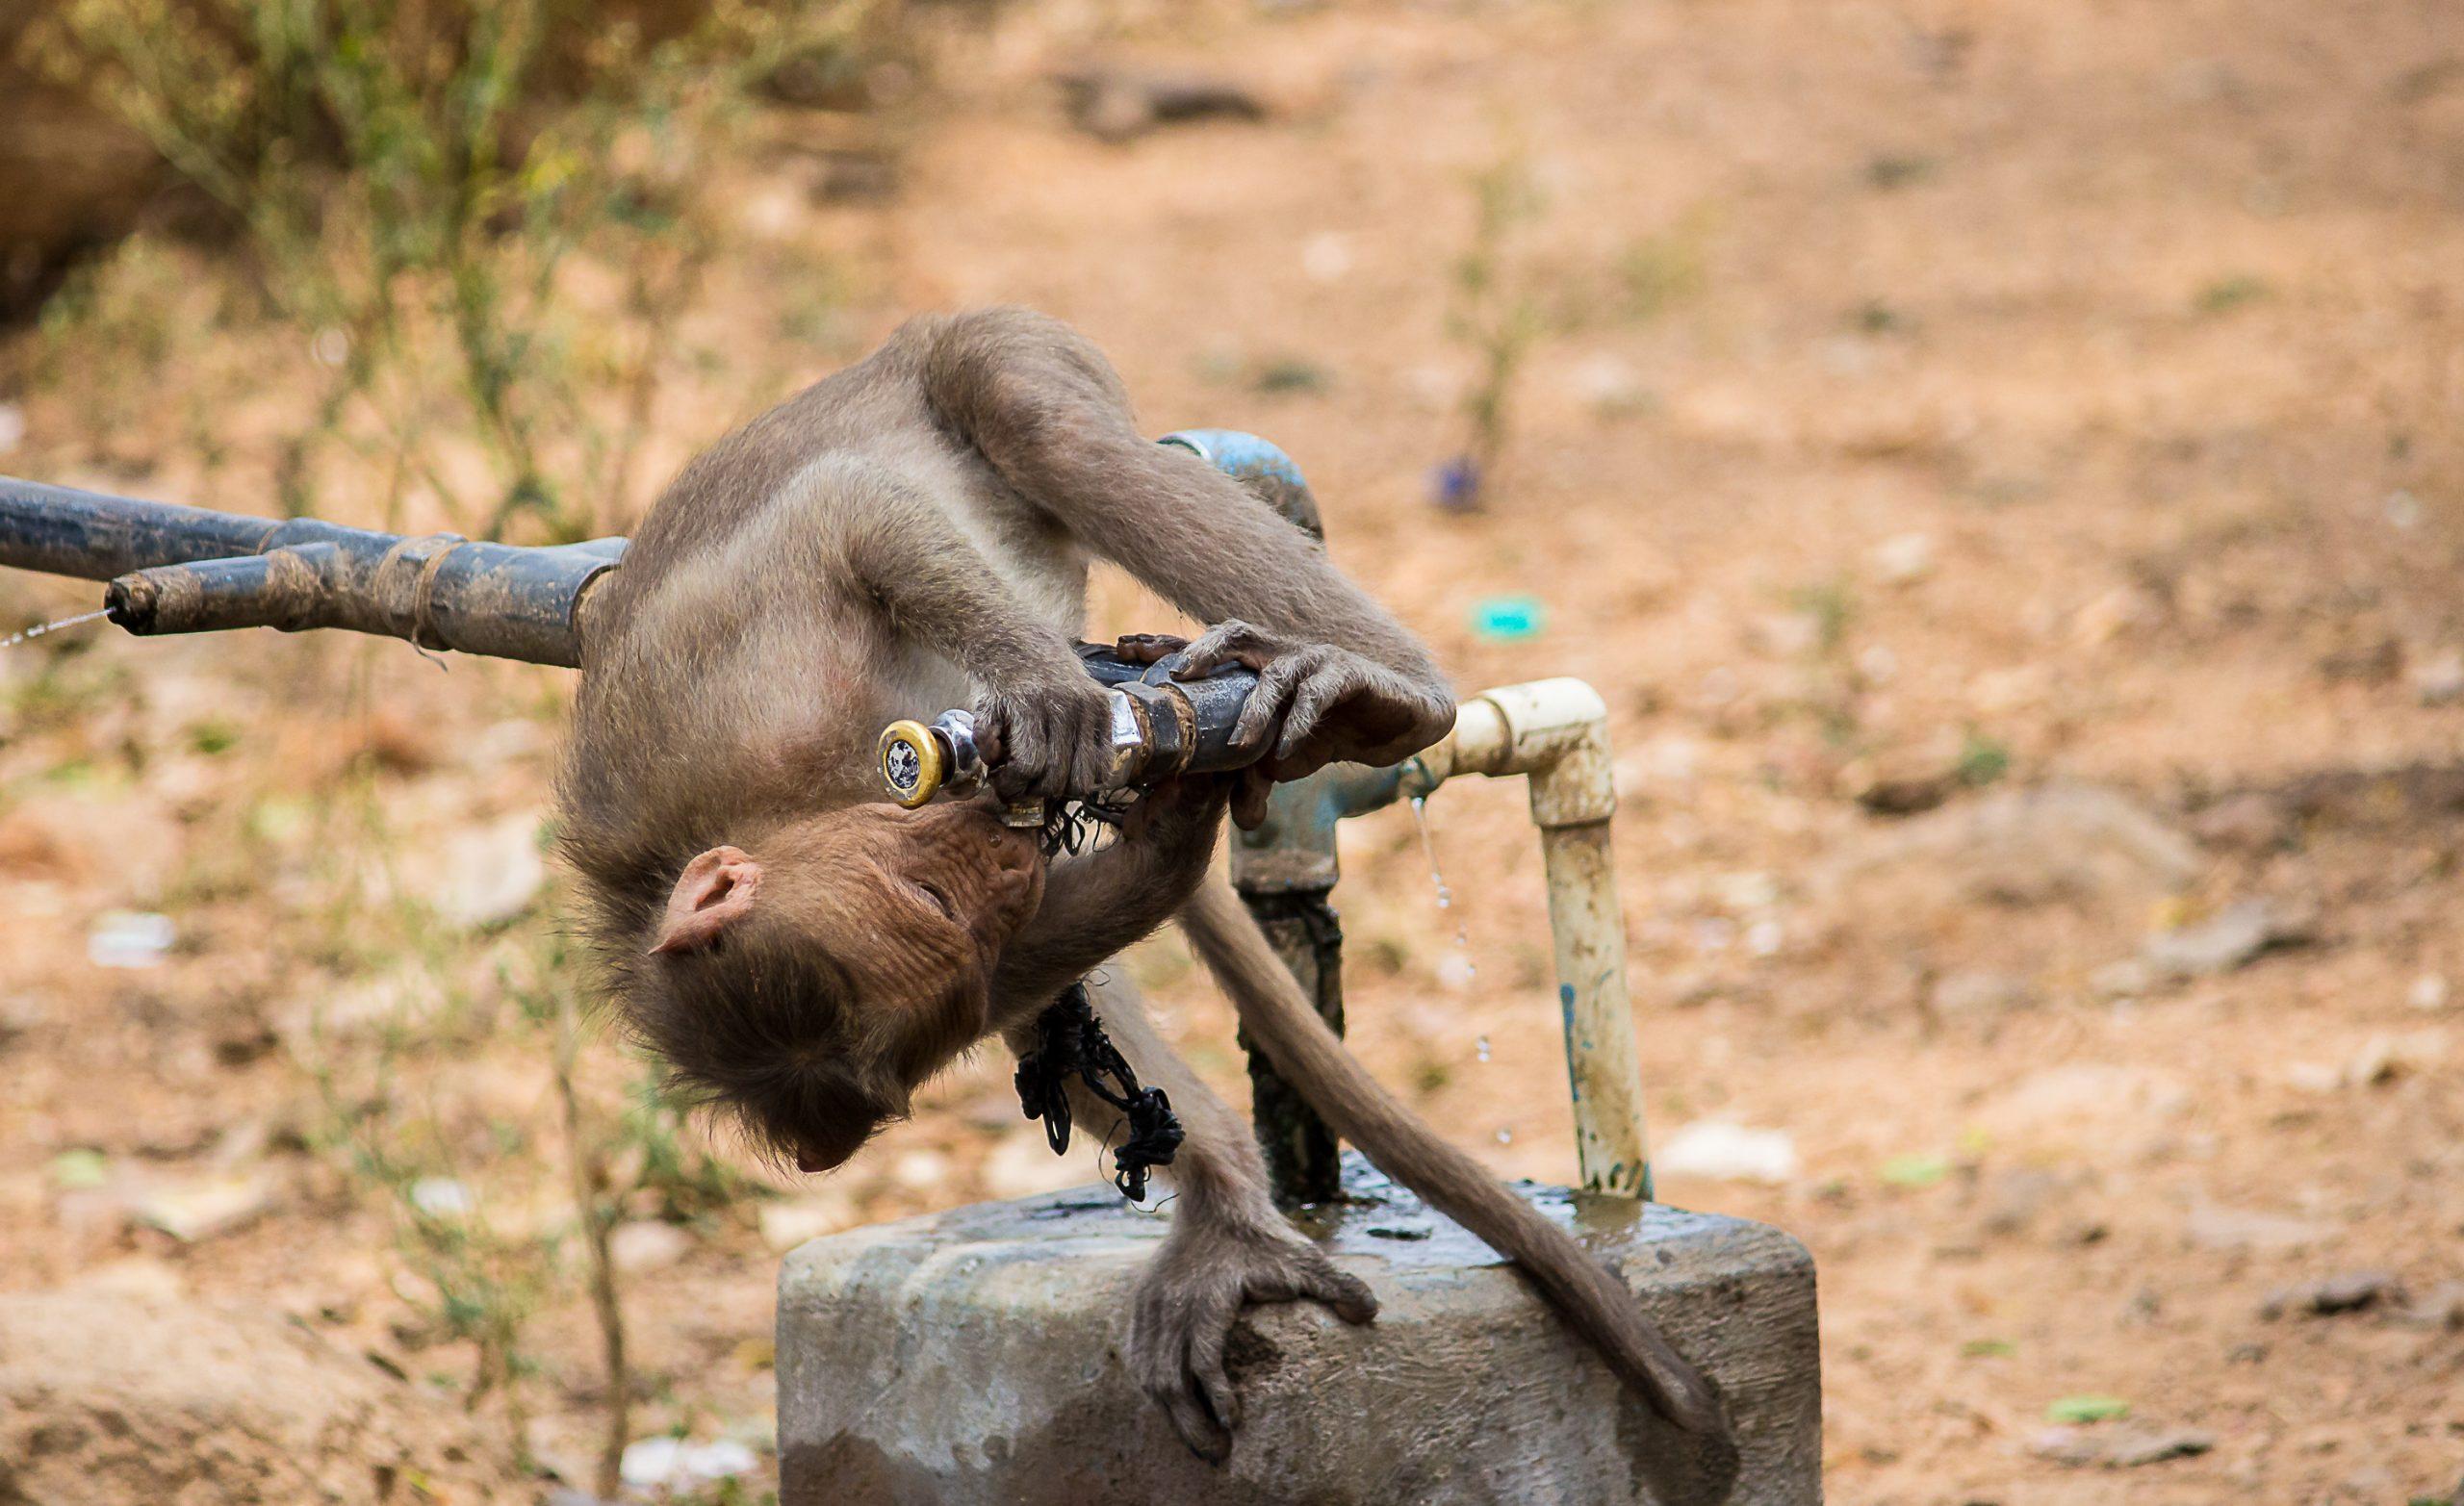 Monkey Drinking Water through water tap